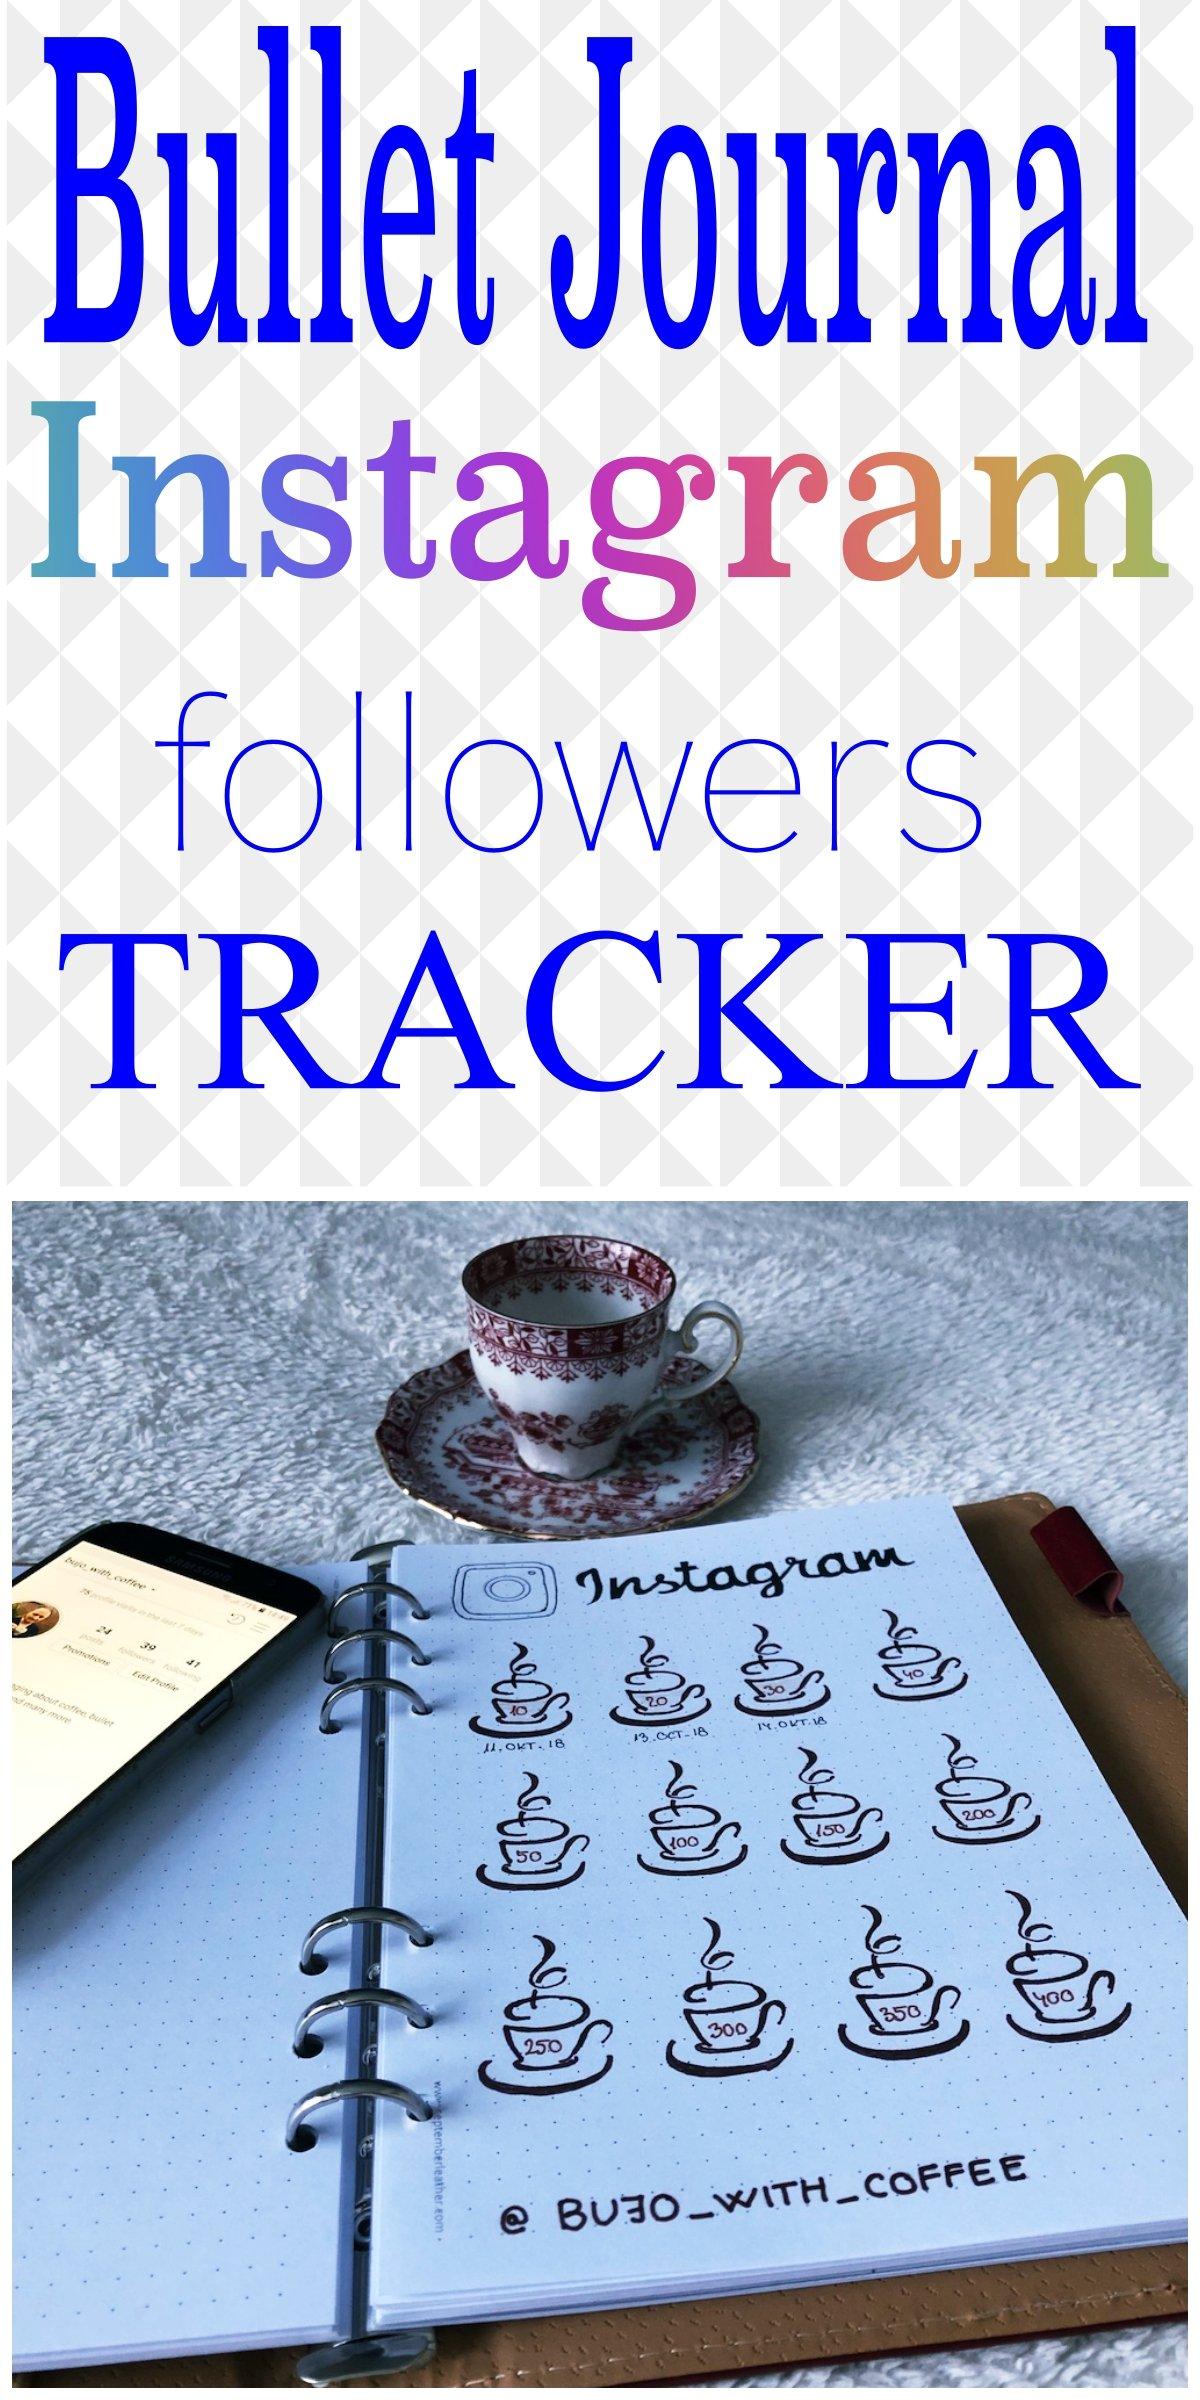 Instagram followers tracker for bullet journal - itstartswithacoffee.com #bulletjournal #bujo #tracker #followerstracker #bulletjournaling #bujojunkies #bujolove #showmeyourplanner #bujoinspire #bulletjournallove #bulletjournalcommunity #planning #planneraddict #bulletjournaljunkies #planwithme #itstartswithacoffee.com